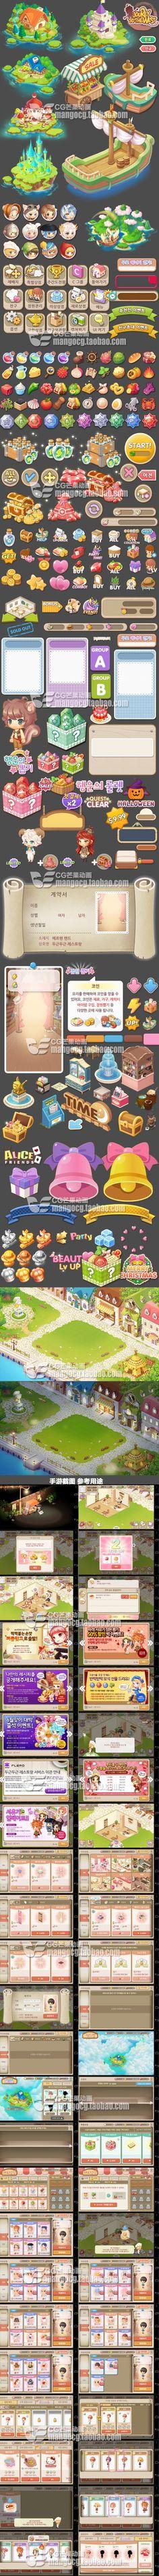 韩国可爱经营 手游UI素材 icon图标 音效 人物 场景元素 游戏资源-淘宝网全球站